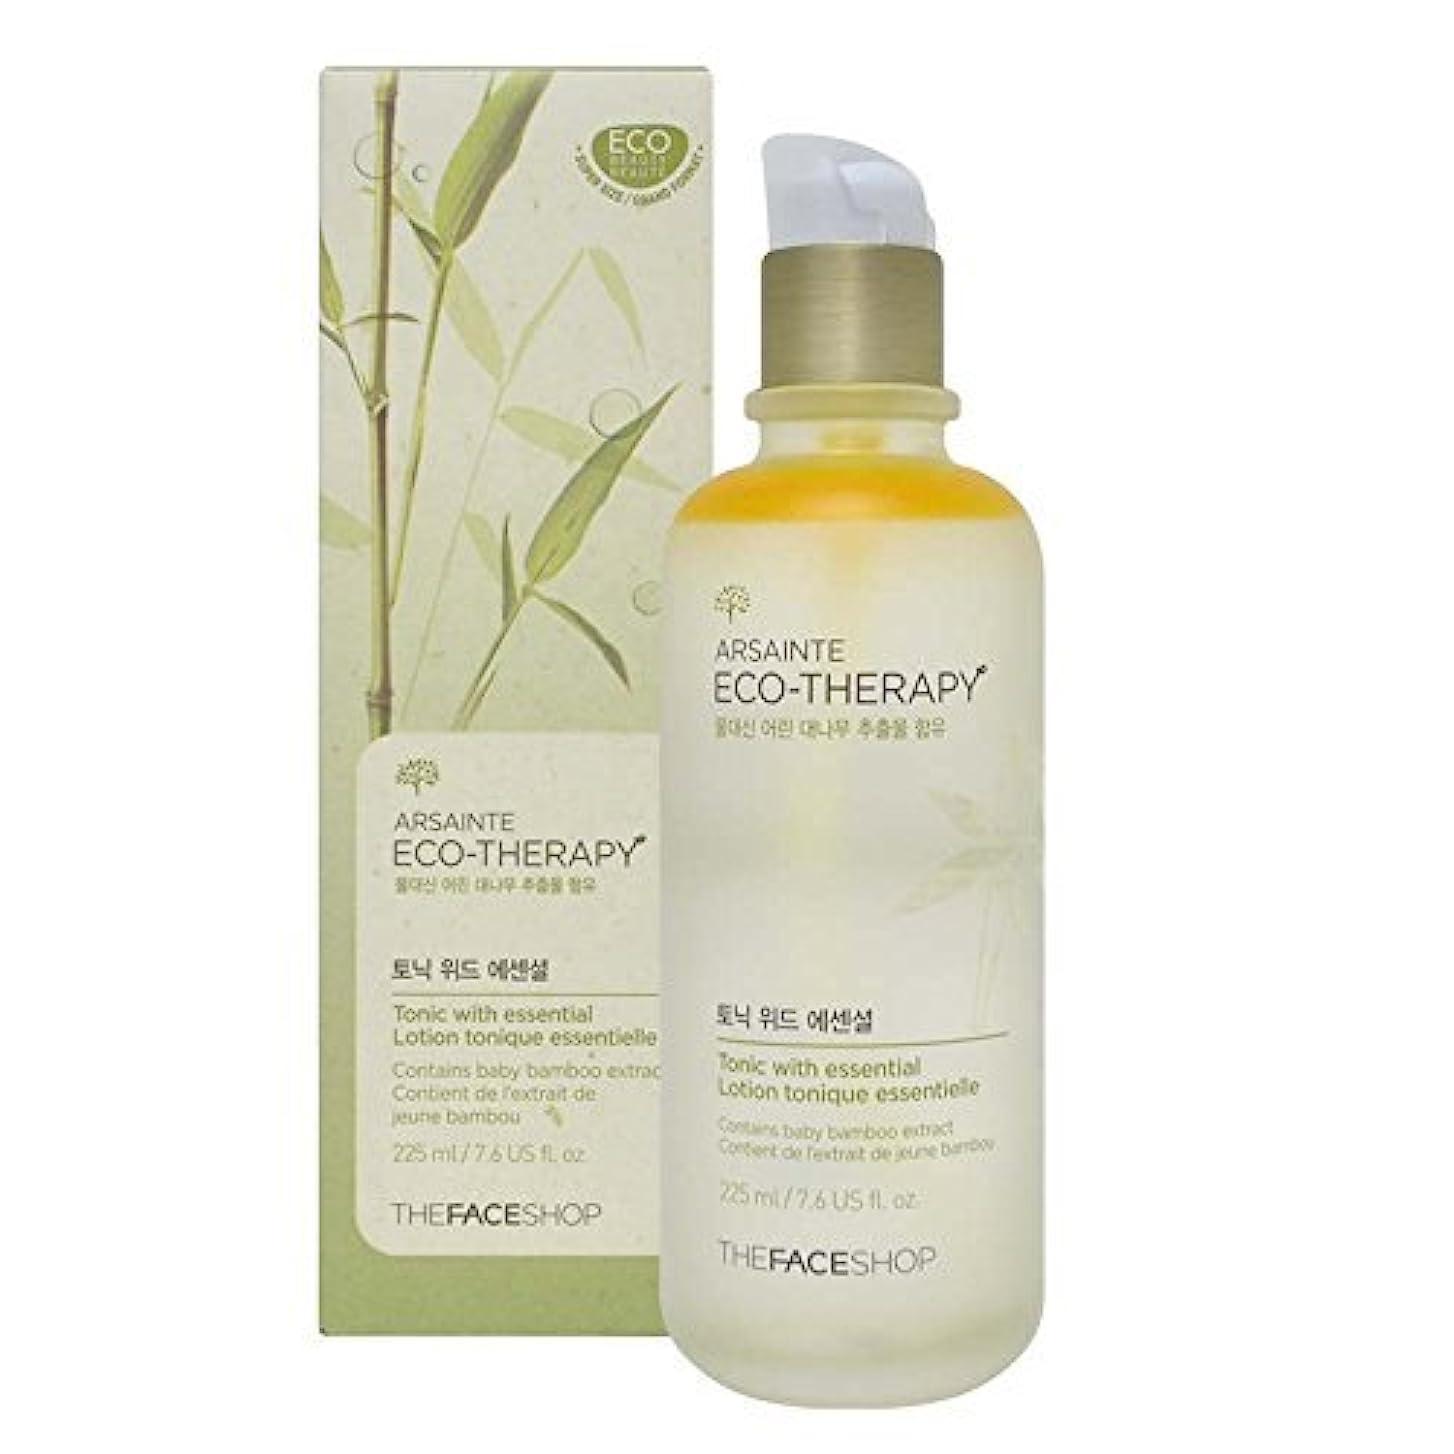 まで韓国遅滞The Face shop Arsainte Ecotheraphy Tonic with essential Big Size 225ml [並行輸入品]